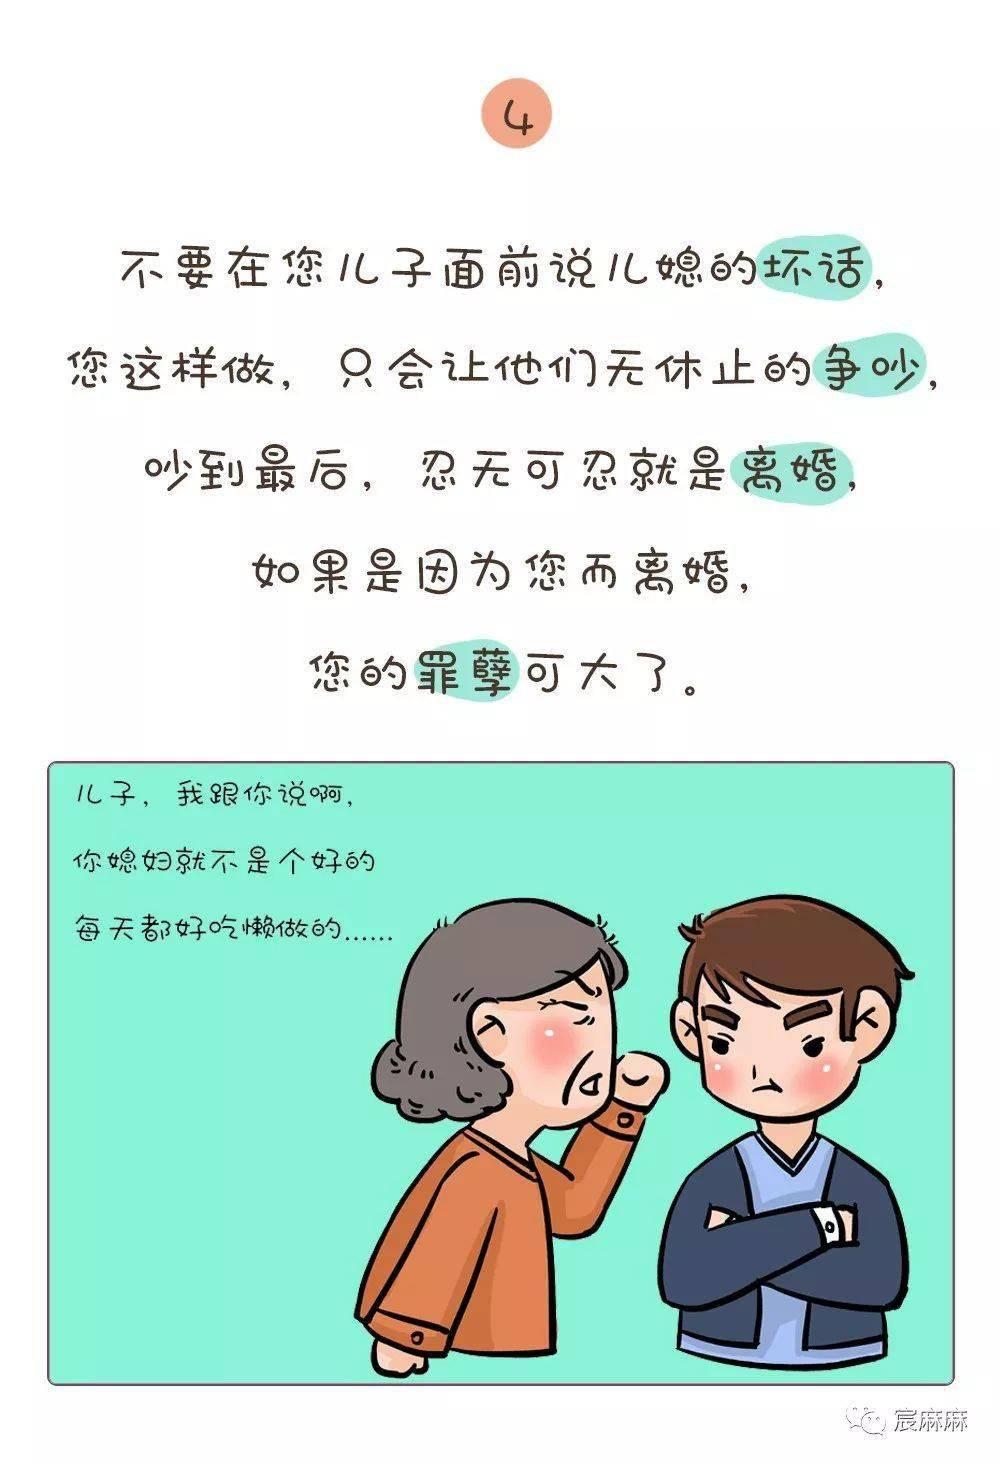 媳妇,妈妈和金钱都重要,哪一个更厉害,更不可或缺? 妈妈比老婆重要语句